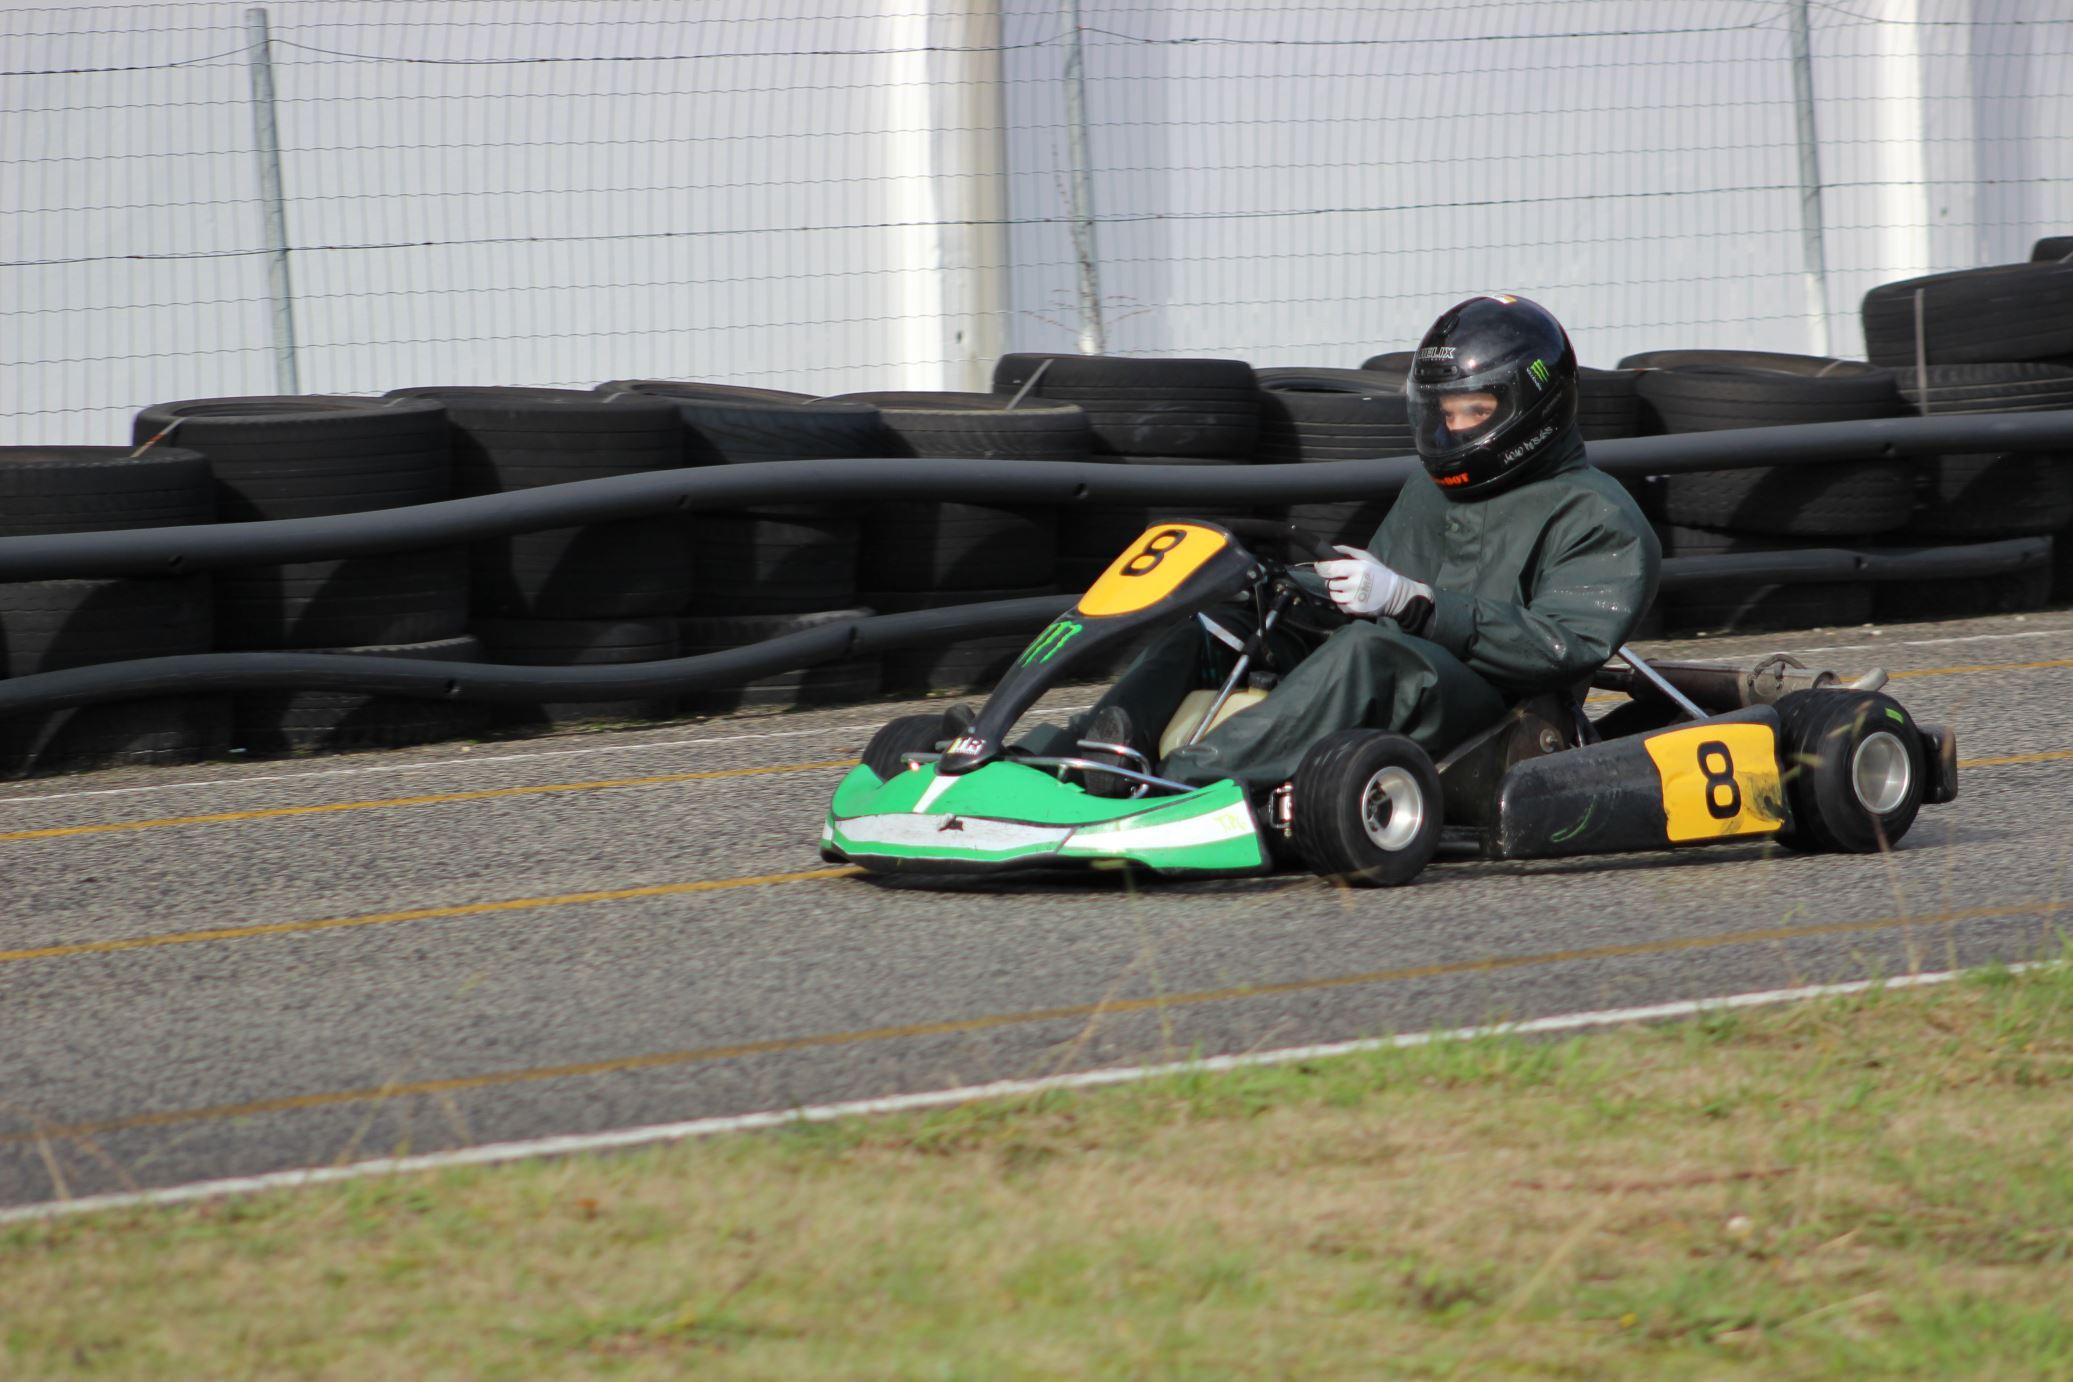 Troféu Honda 2014 - 5ª Prova177